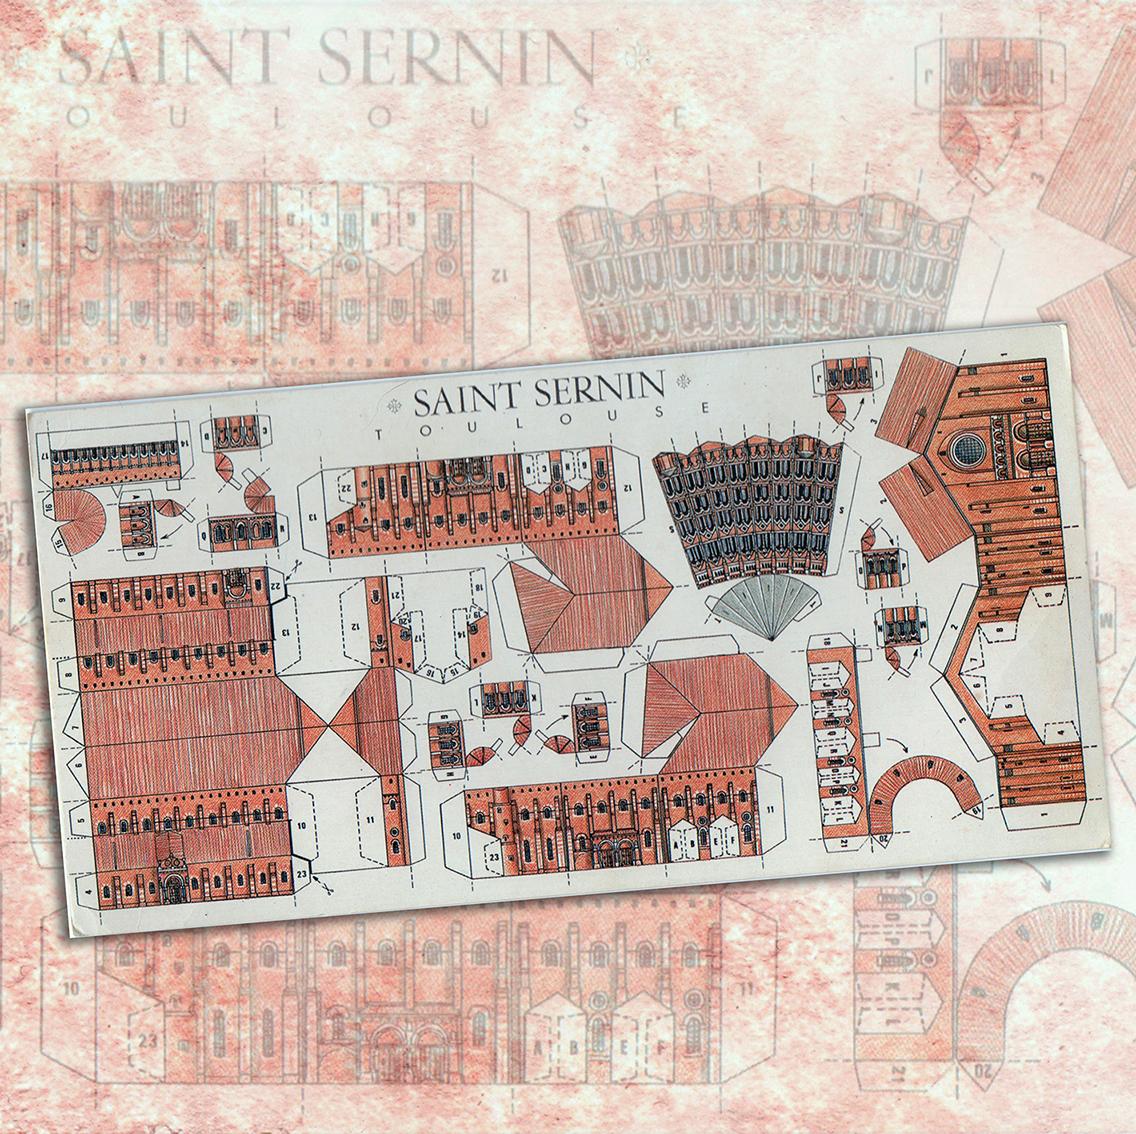 31.01.2021 Reatallable de Sant Serni de Tolosa. Dors d'una postal.  -  Autor